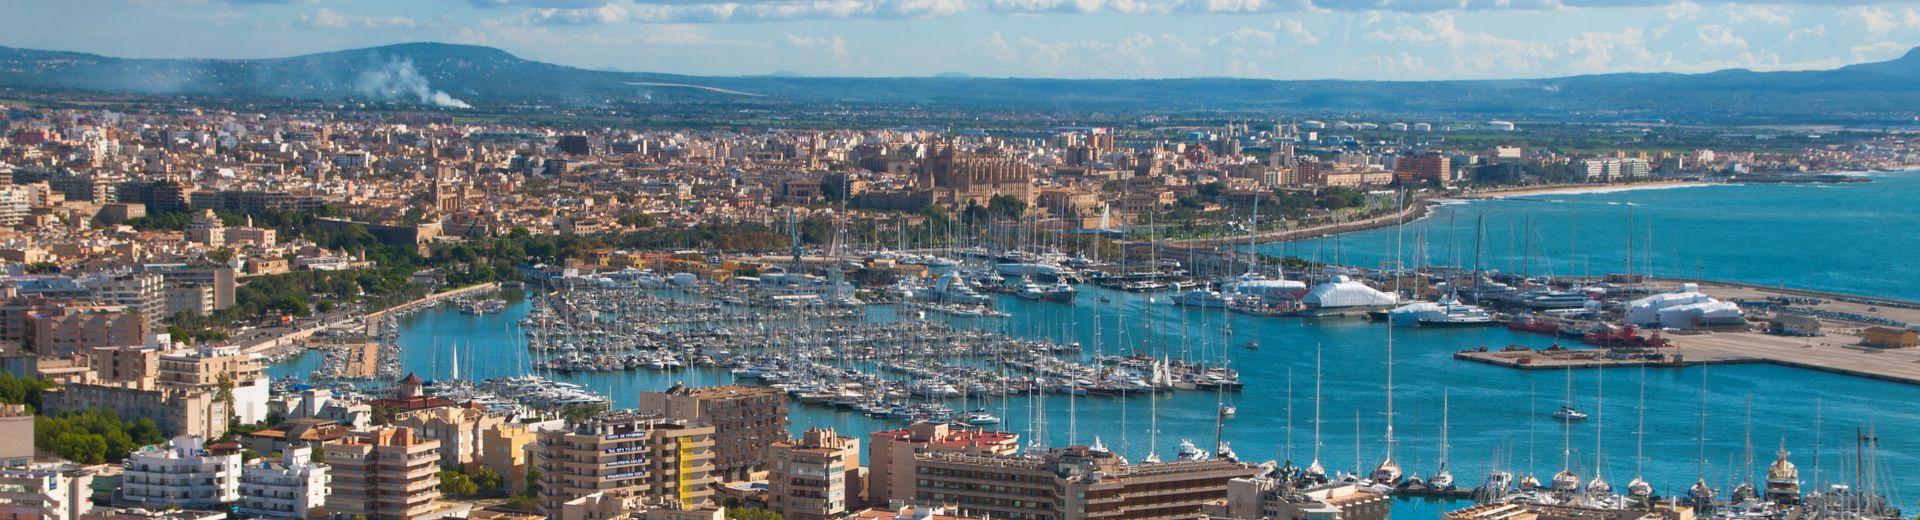 10-tägige Mittelmeerkreuzfahrt mit Mein Schiff 2